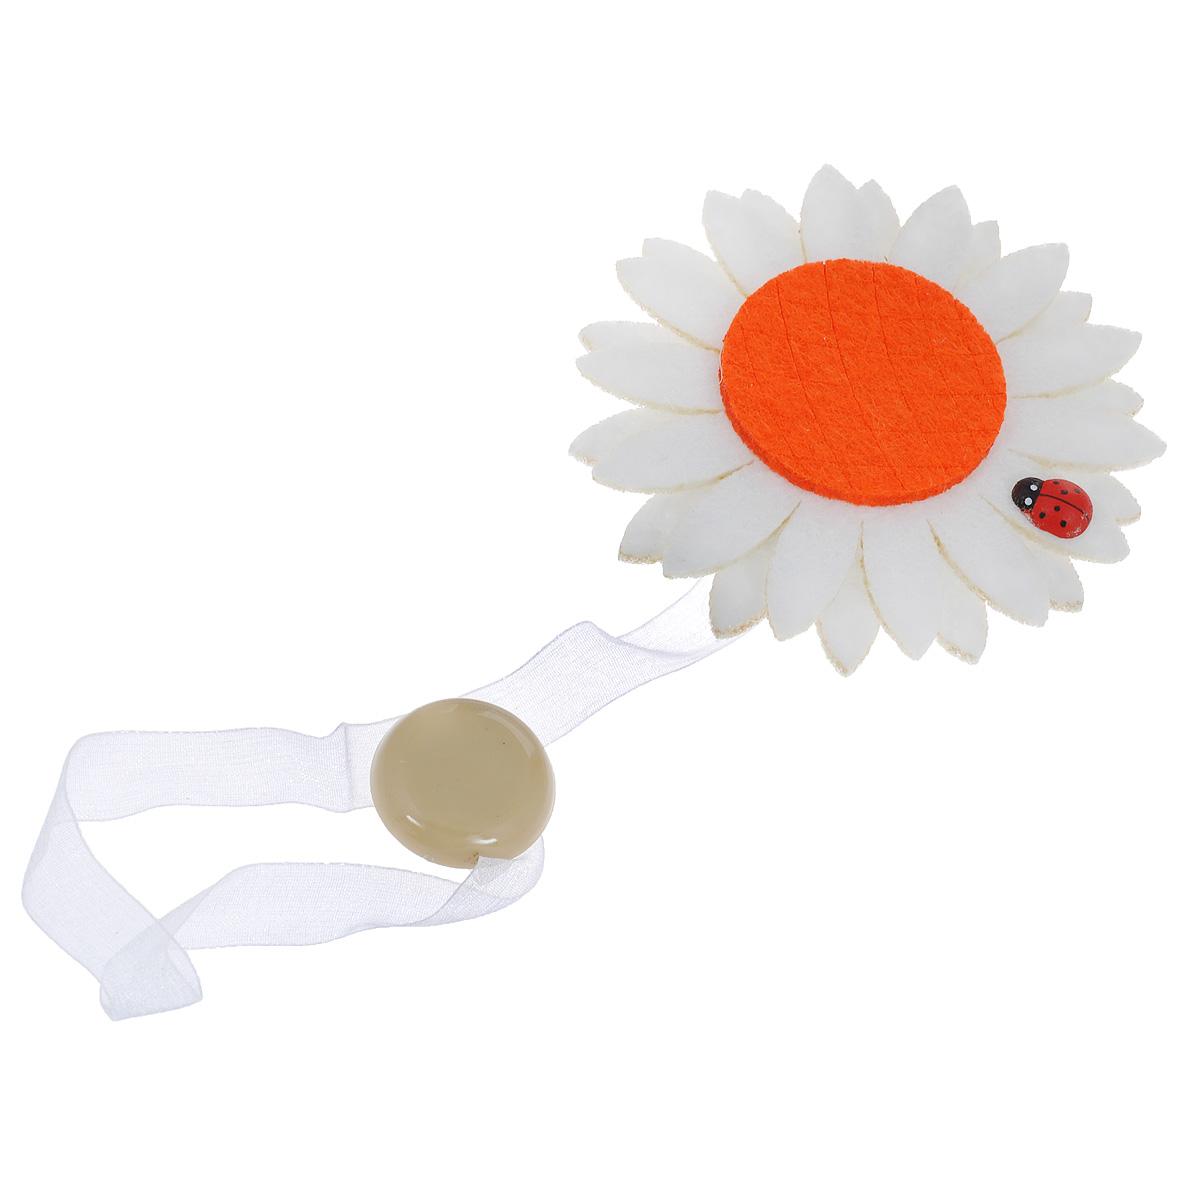 Клипса-магнит для штор Calamita Fiore, цвет: отбеленный, оранжевый. 7704012_5027704012_502Клипса-магнит Calamita Fiore, изготовленная из пластика и текстиля, предназначена для придания формы шторам. Изделие представляет собой два магнита, расположенных на разных концах текстильной ленты. Один из магнитов оформлен декоративным цветком. С помощью такой магнитной клипсы можно зафиксировать портьеры, придать им требуемое положение, сделать складки симметричными или приблизить портьеры, скрепить их. Клипсы для штор являются универсальным изделием, которое превосходно подойдет как для штор в детской комнате, так и для штор в гостиной. Следует отметить, что клипсы для штор выполняют не только практическую функцию, но также являются одной из основных деталей декора этого изделия, которая придает шторам восхитительный, стильный внешний вид.Диаметр декоративного цветка: 9 см.Диаметр магнита: 2,5 см.Длина ленты: 28 см.